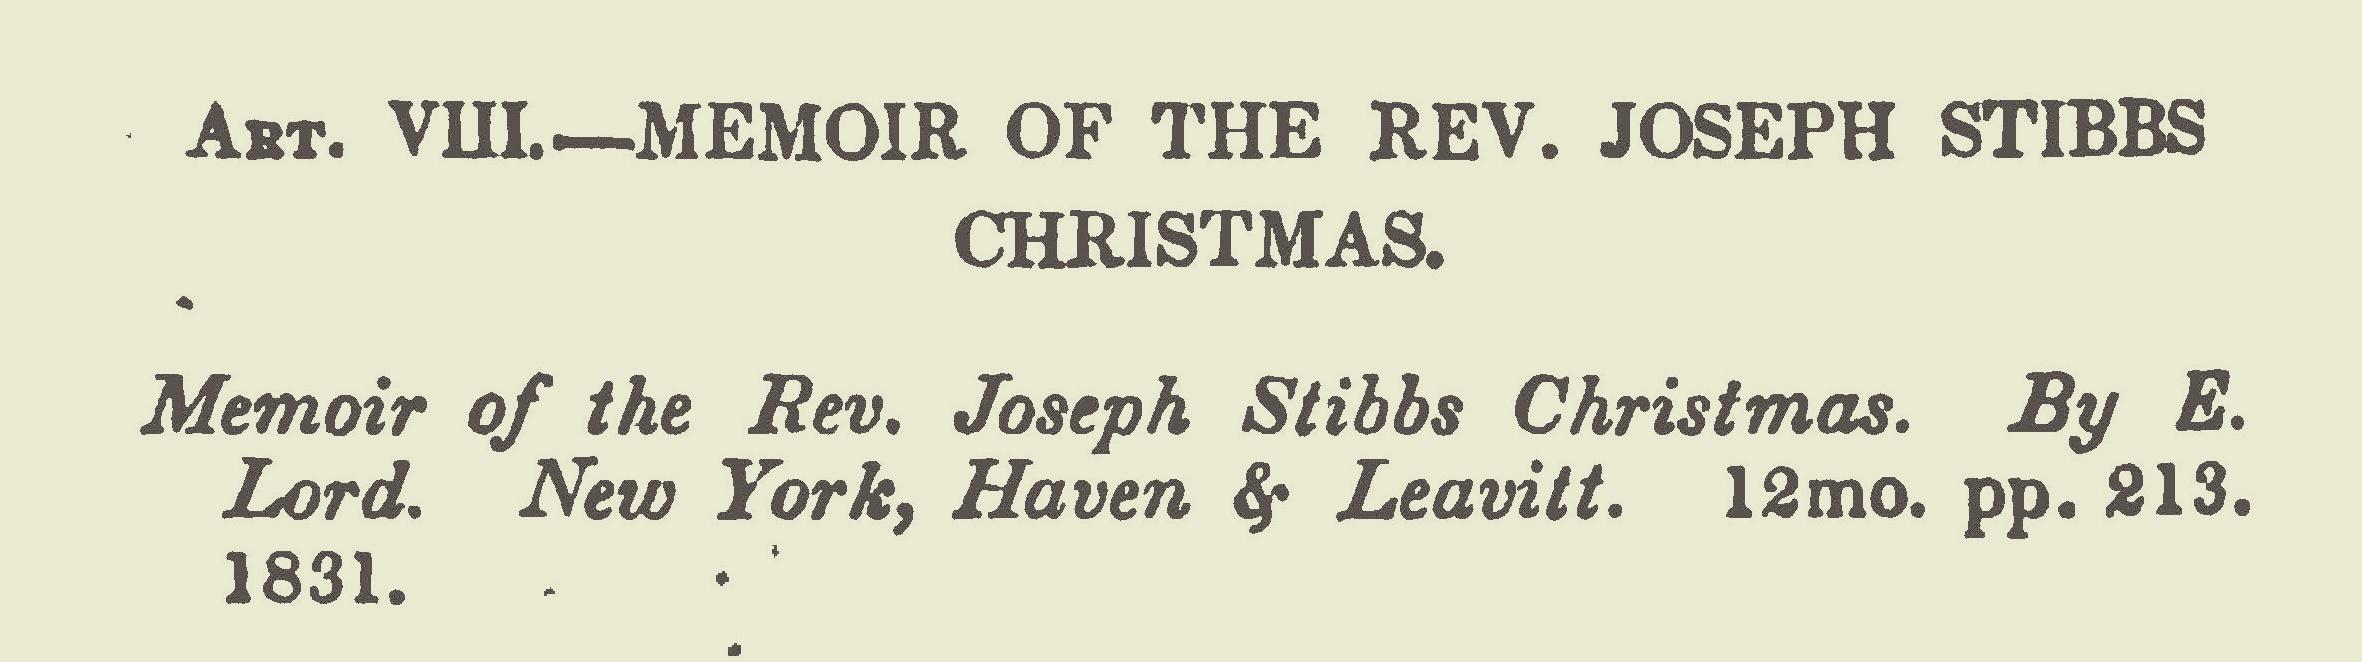 Miller, Samuel, Review of the Memoir of the Rev. Joseph Stibbs Christmas Title Page.jpg